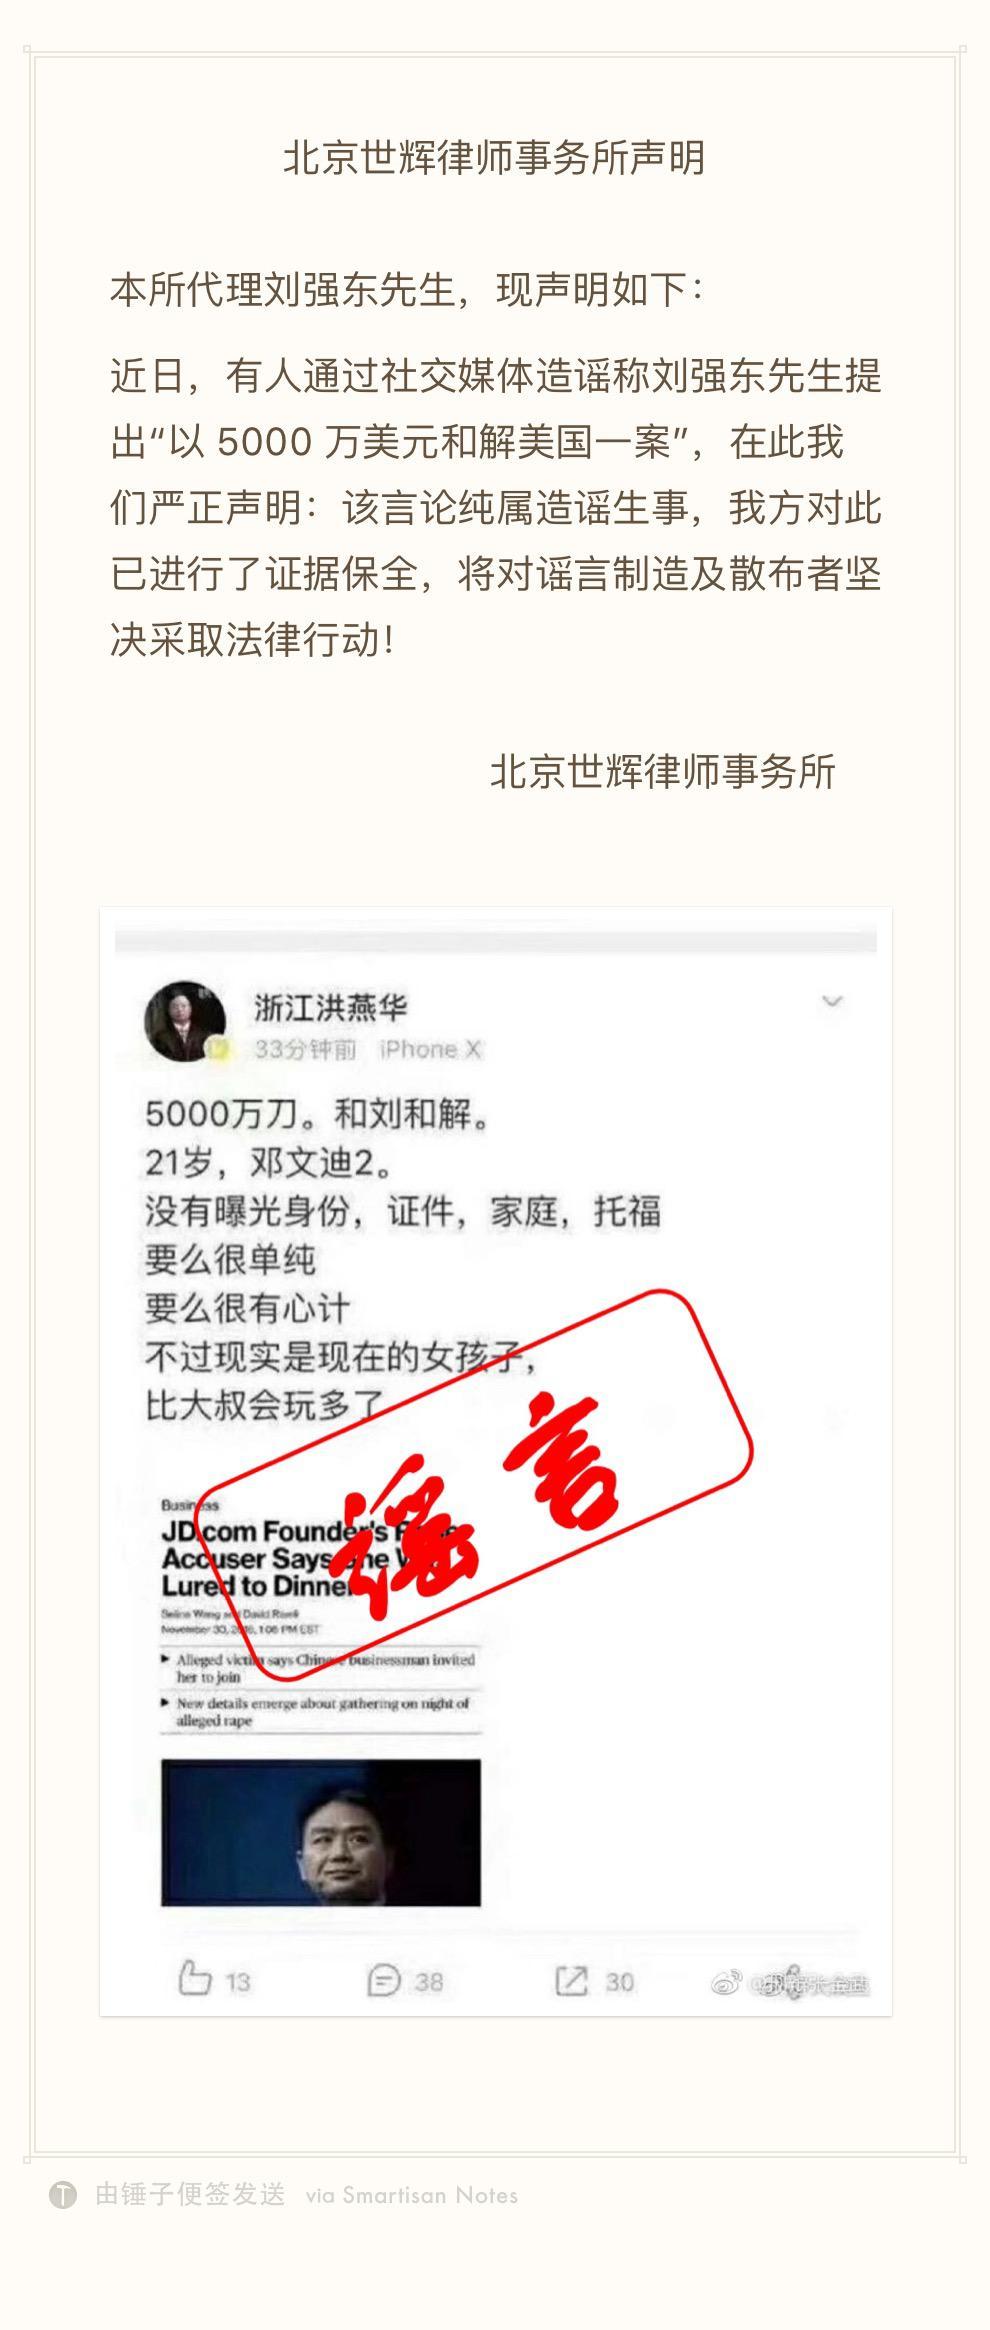 刘强东代理律所:5000万美元和解言论纯属造谣生事